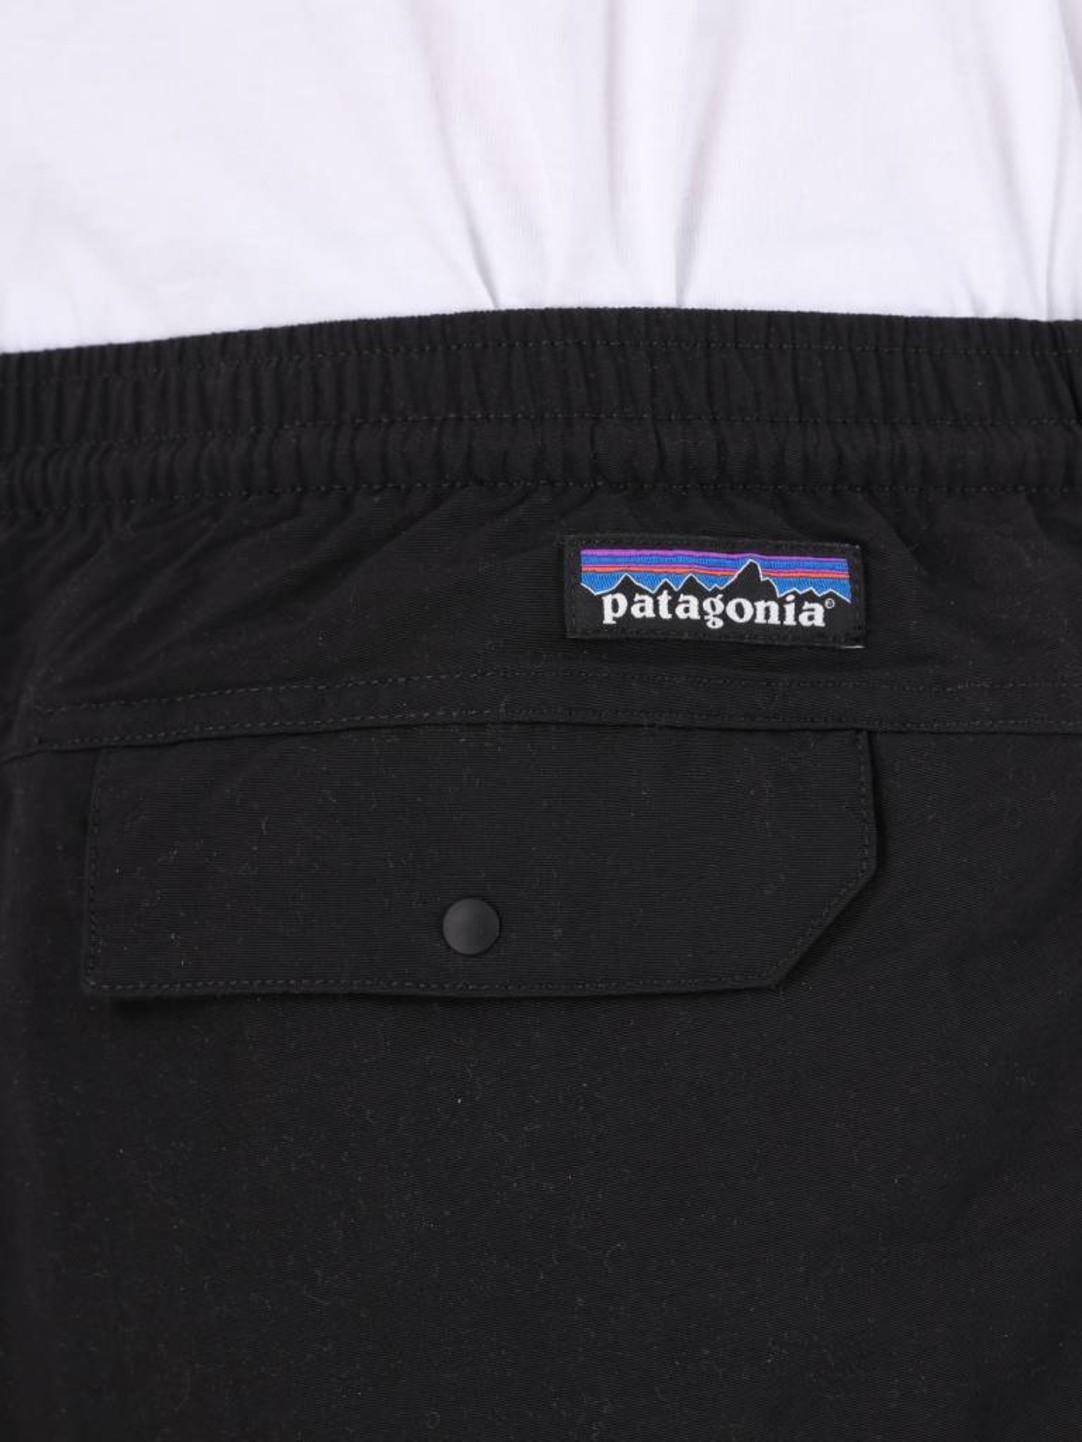 Patagonia Patagonia Baggies Pants Black 55211